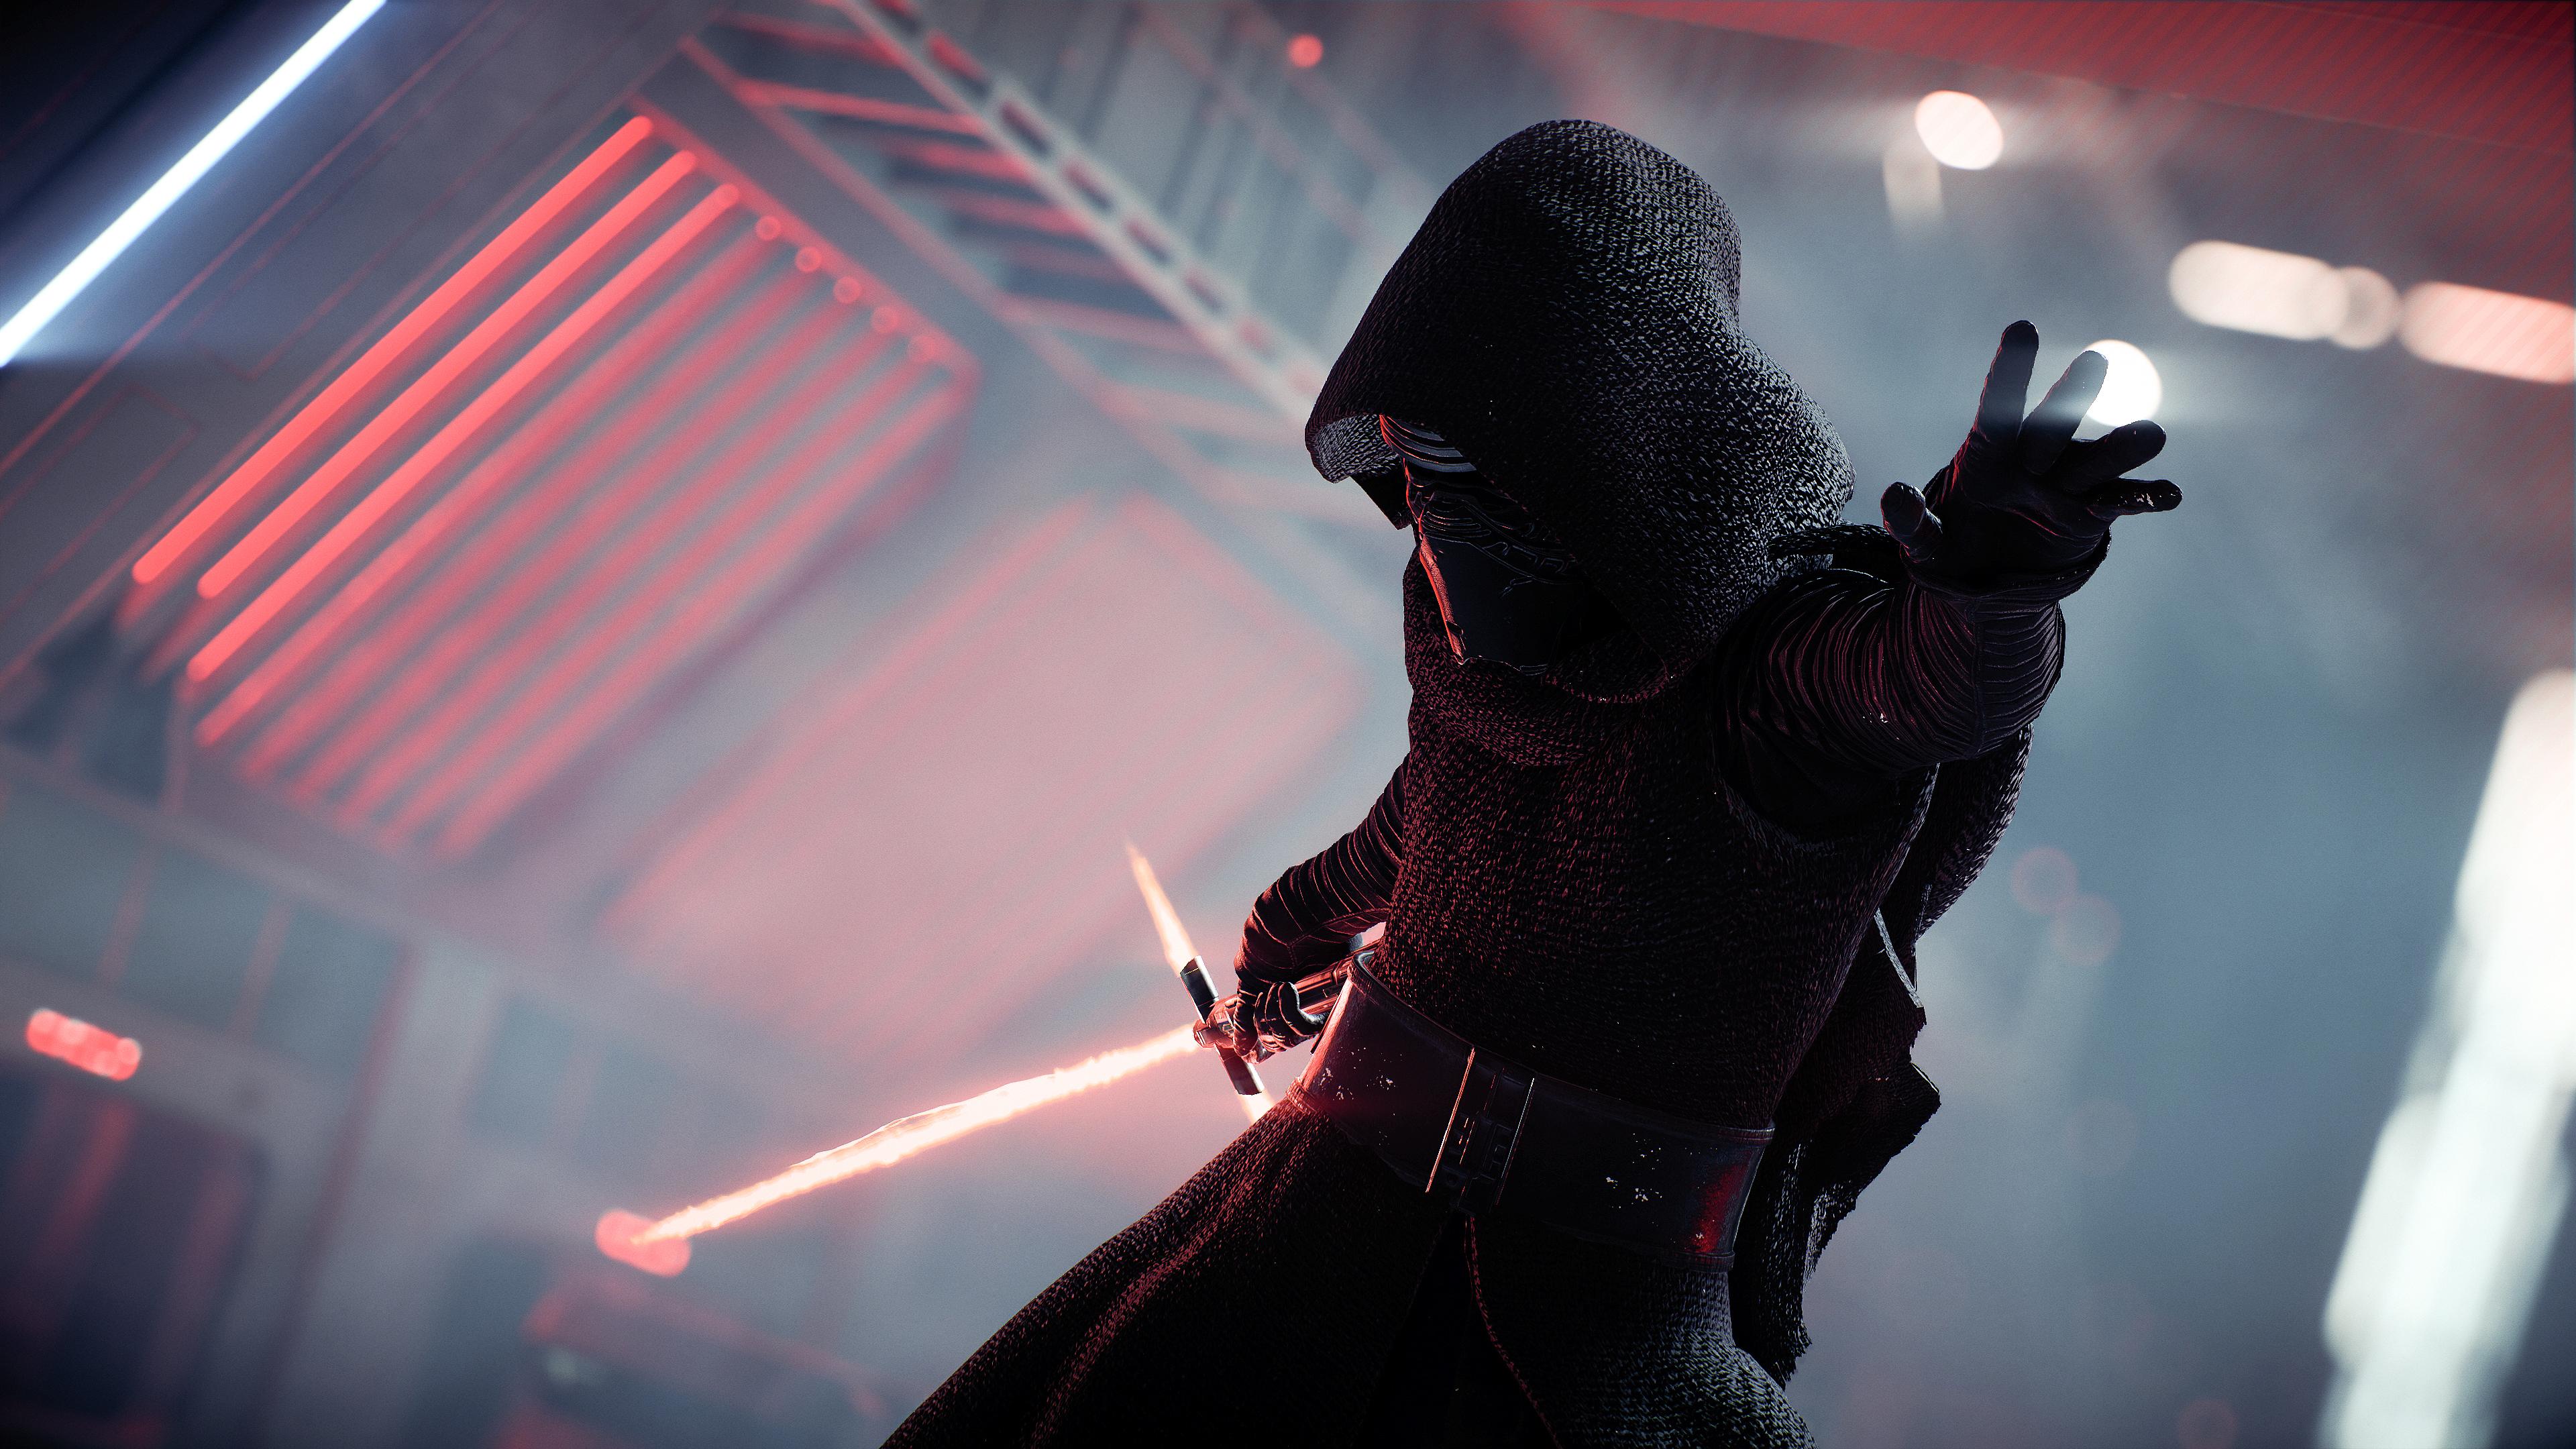 Darth Vader Star Wars Battlefront 4k Hd Games 4k